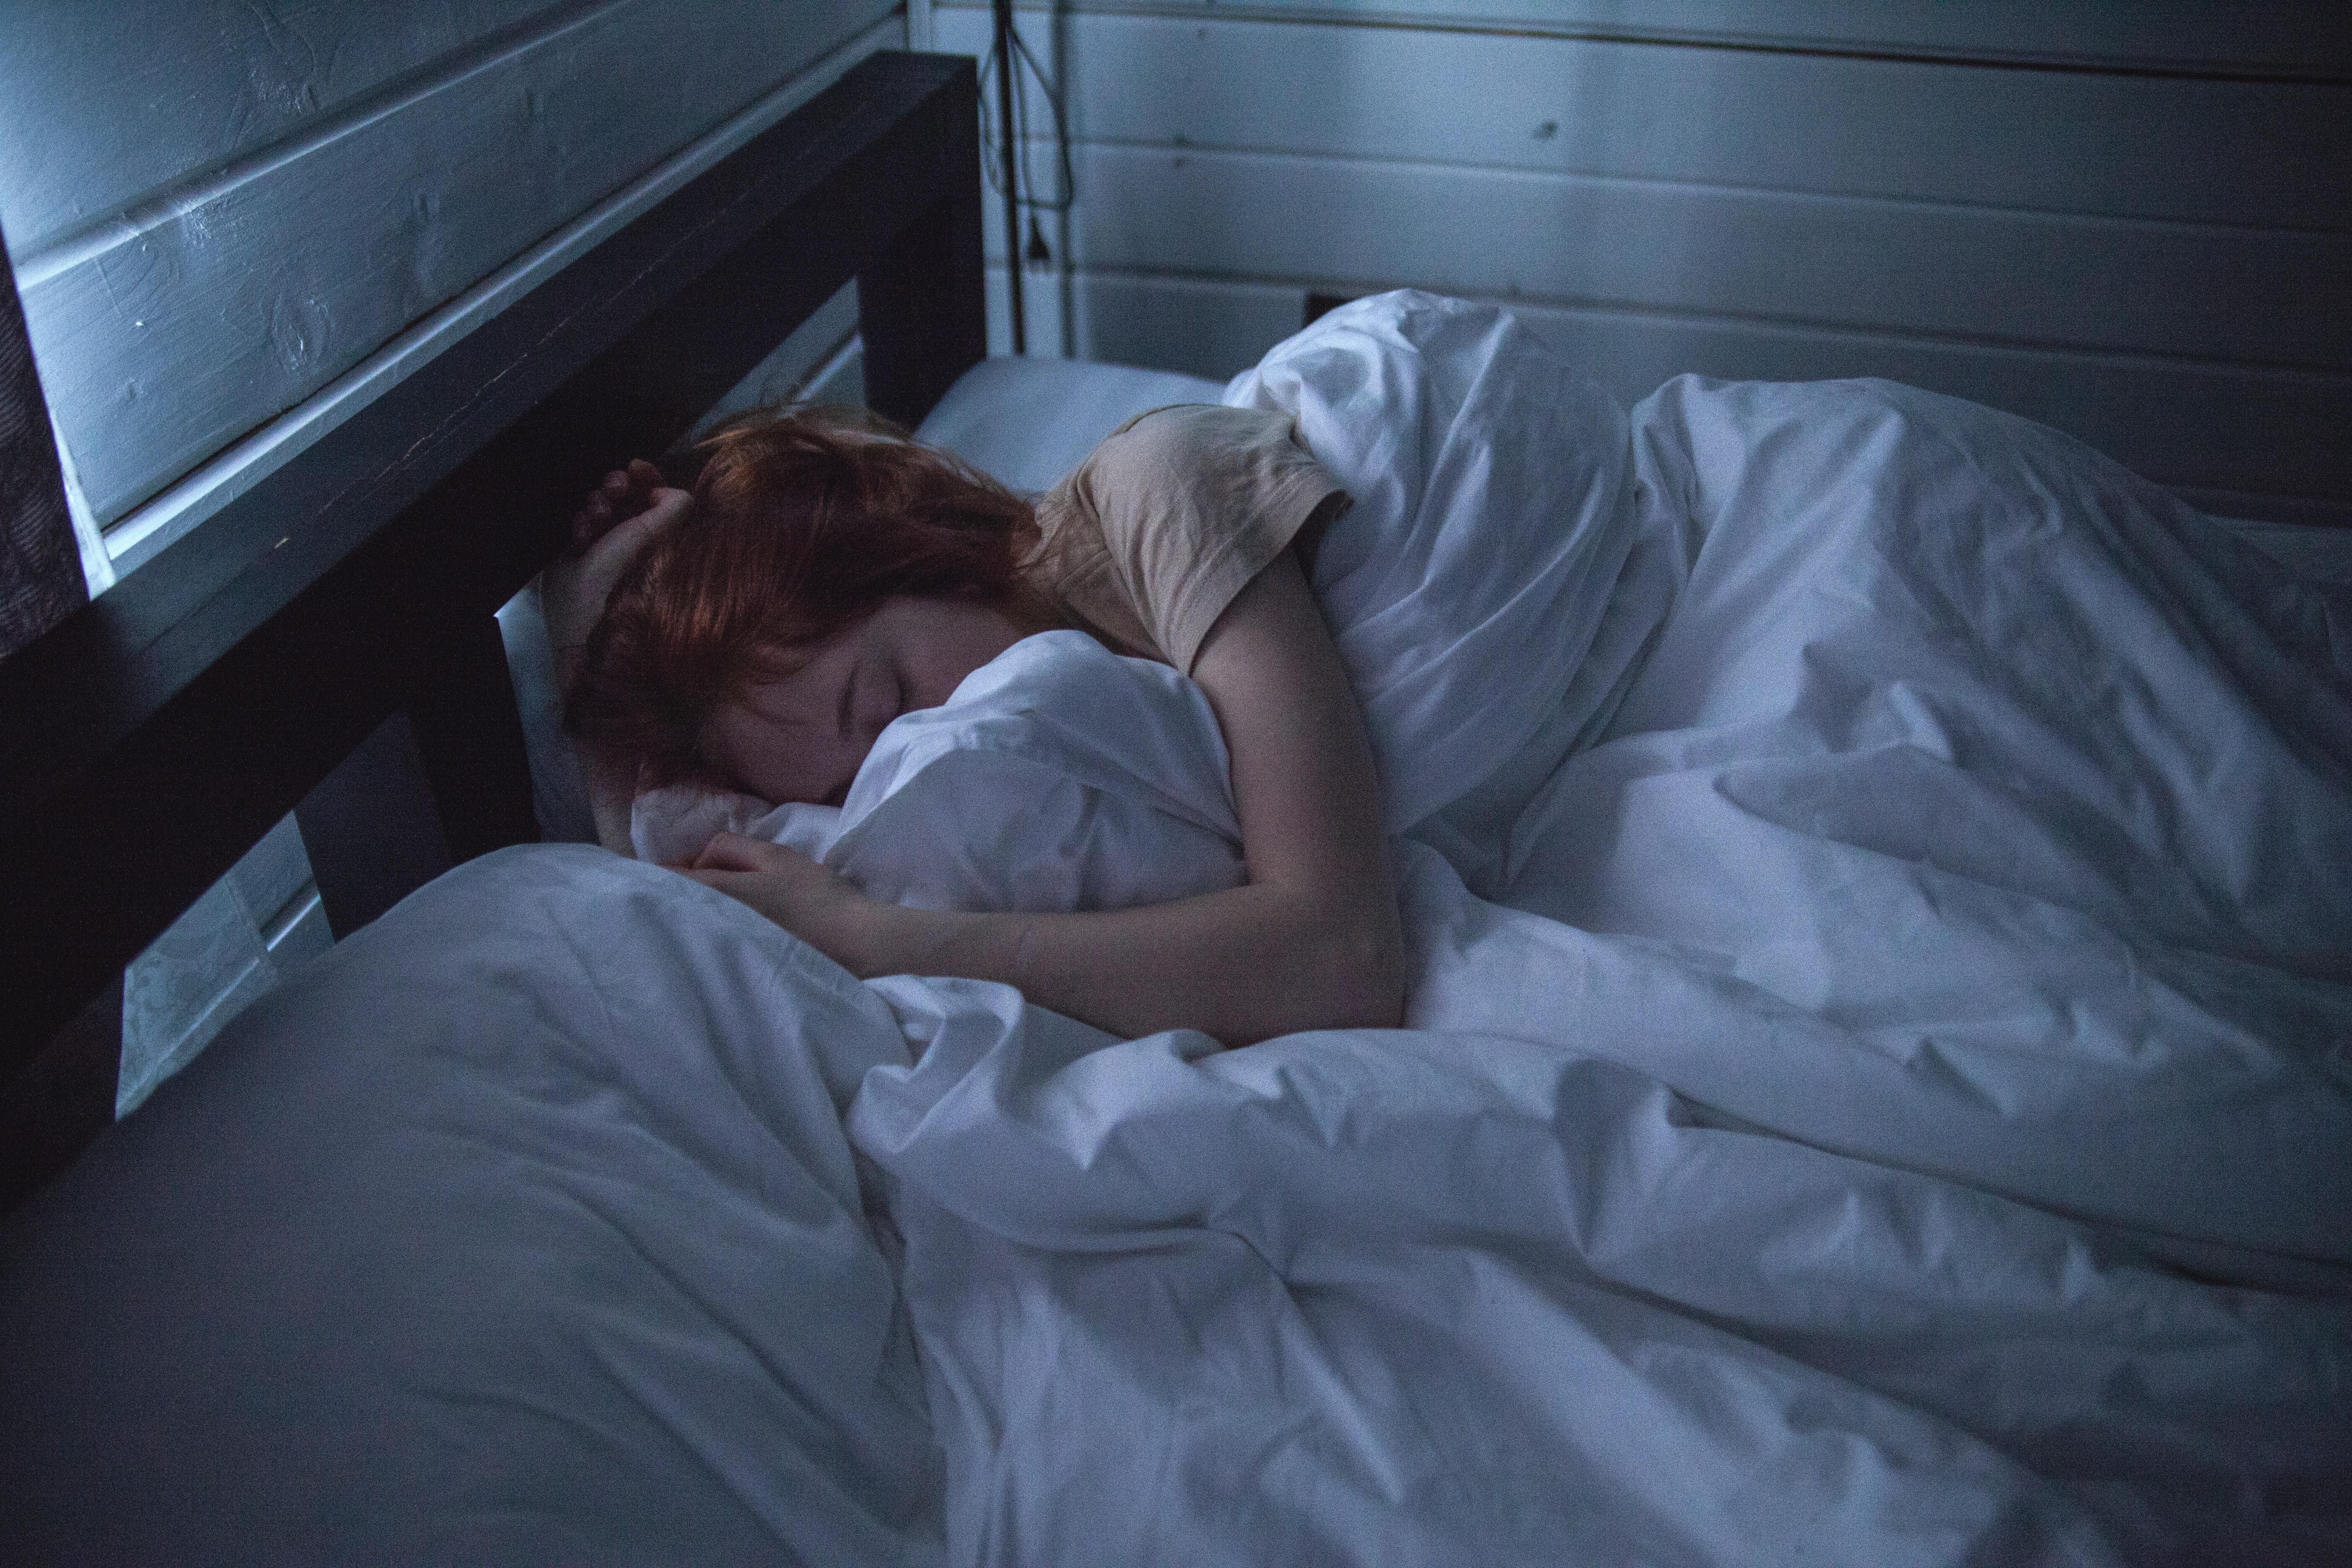 מהם הגורמים להפסקת נשימה בשינה